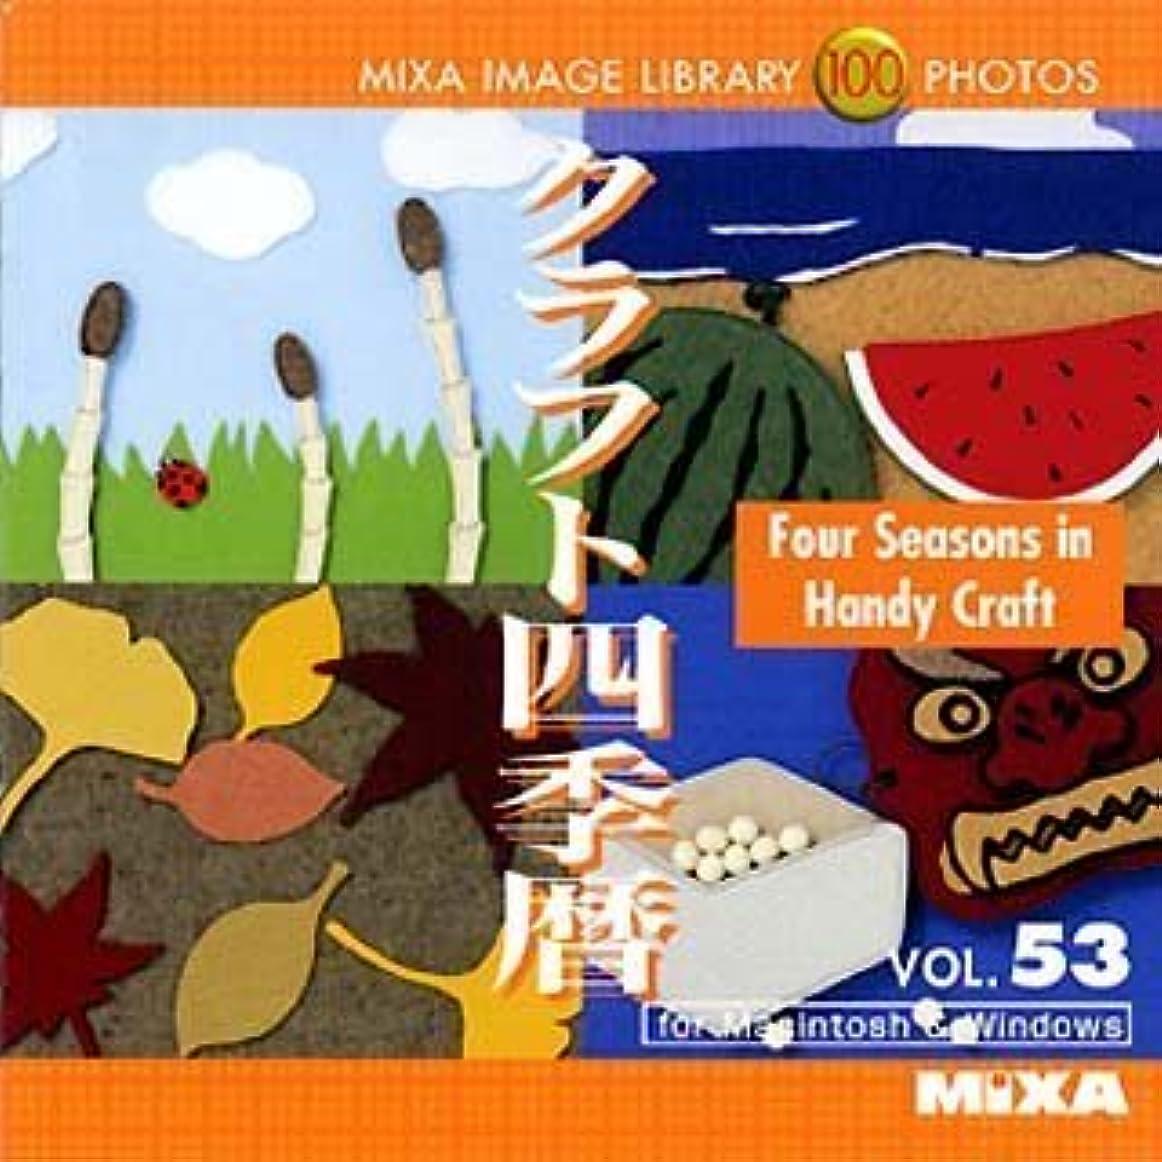 メディックマウントバンク友情MIXA IMAGE LIBRARY Vol.53 クラフト四季暦